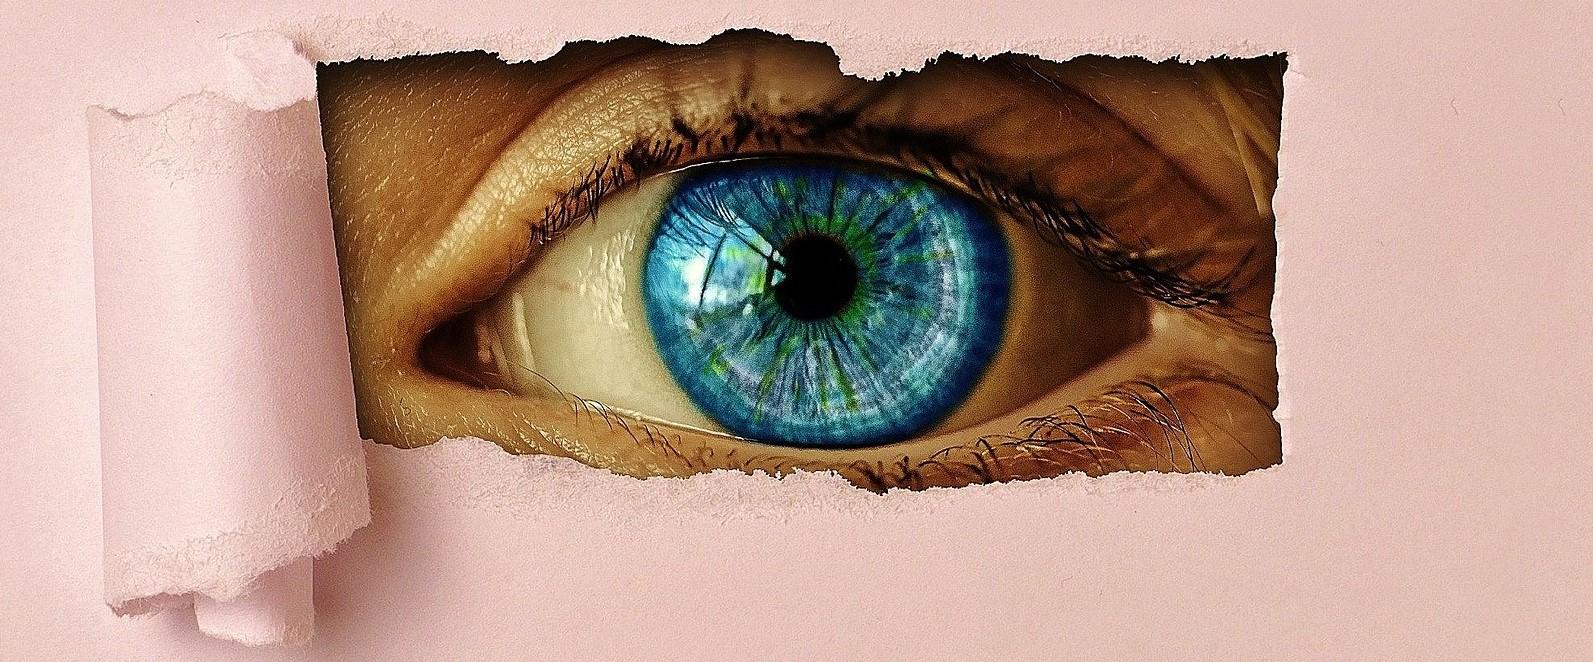 eye-2053408_1920 (4)